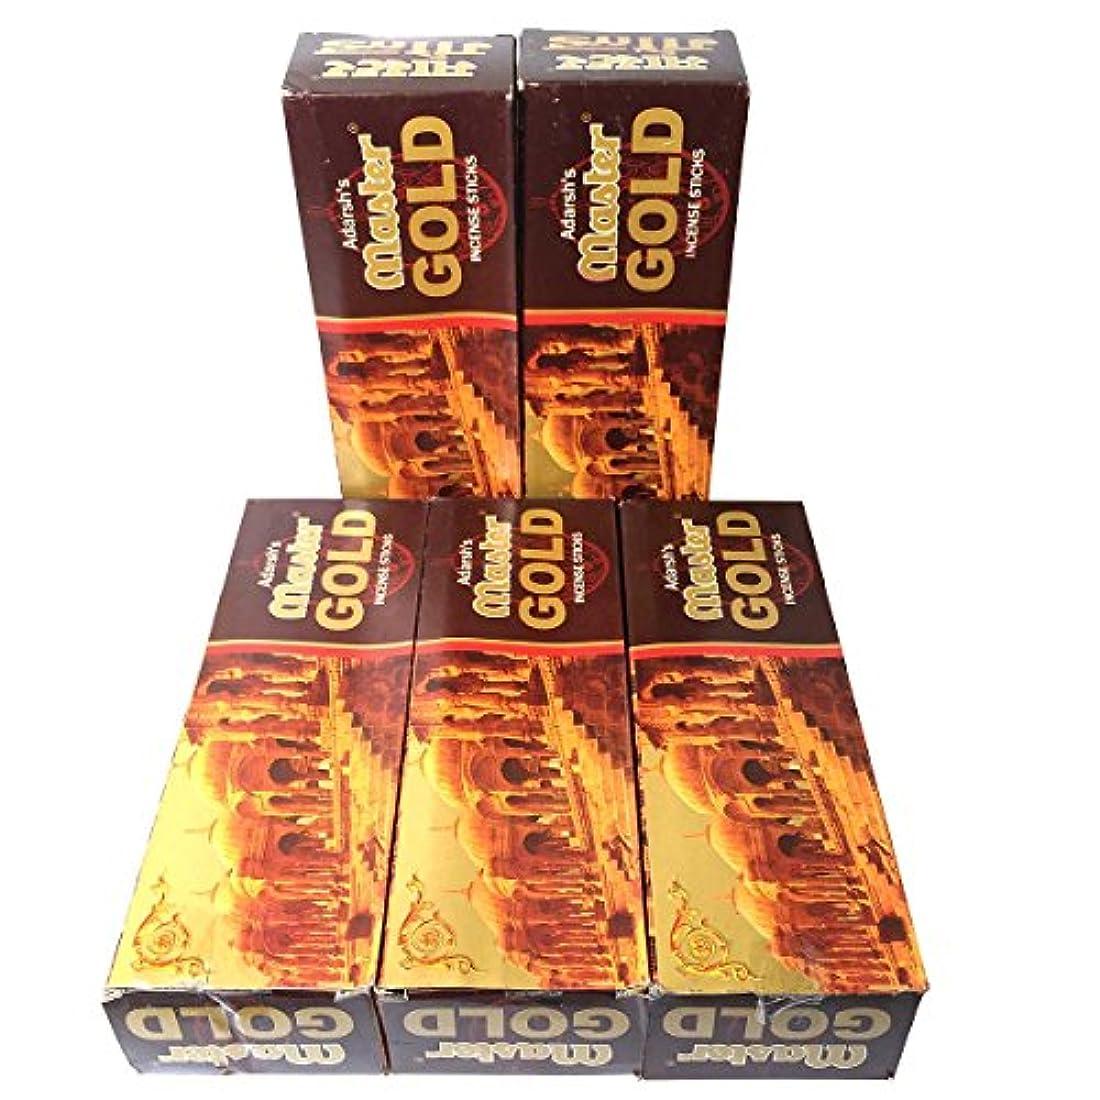 囲いエッセンス委員長マスターゴールド香スティック 5BOX(30箱)/ADARSH AROMATICS  MASTER GOLD/ インド香 / 送料無料 [並行輸入品]